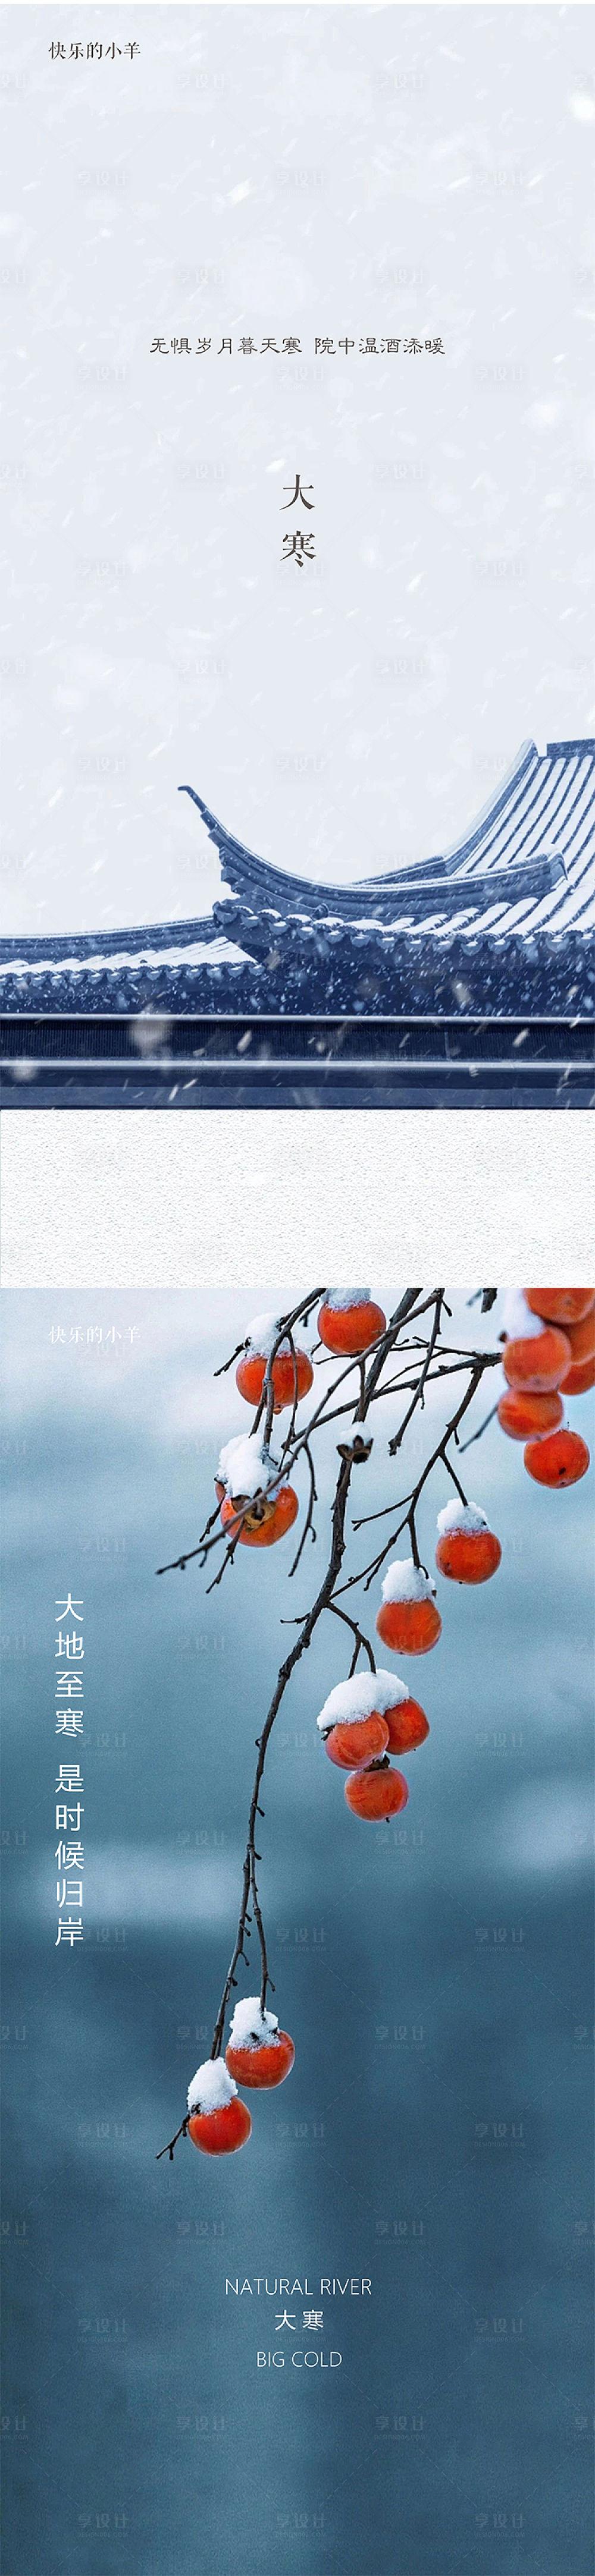 大寒节气海报-源文件